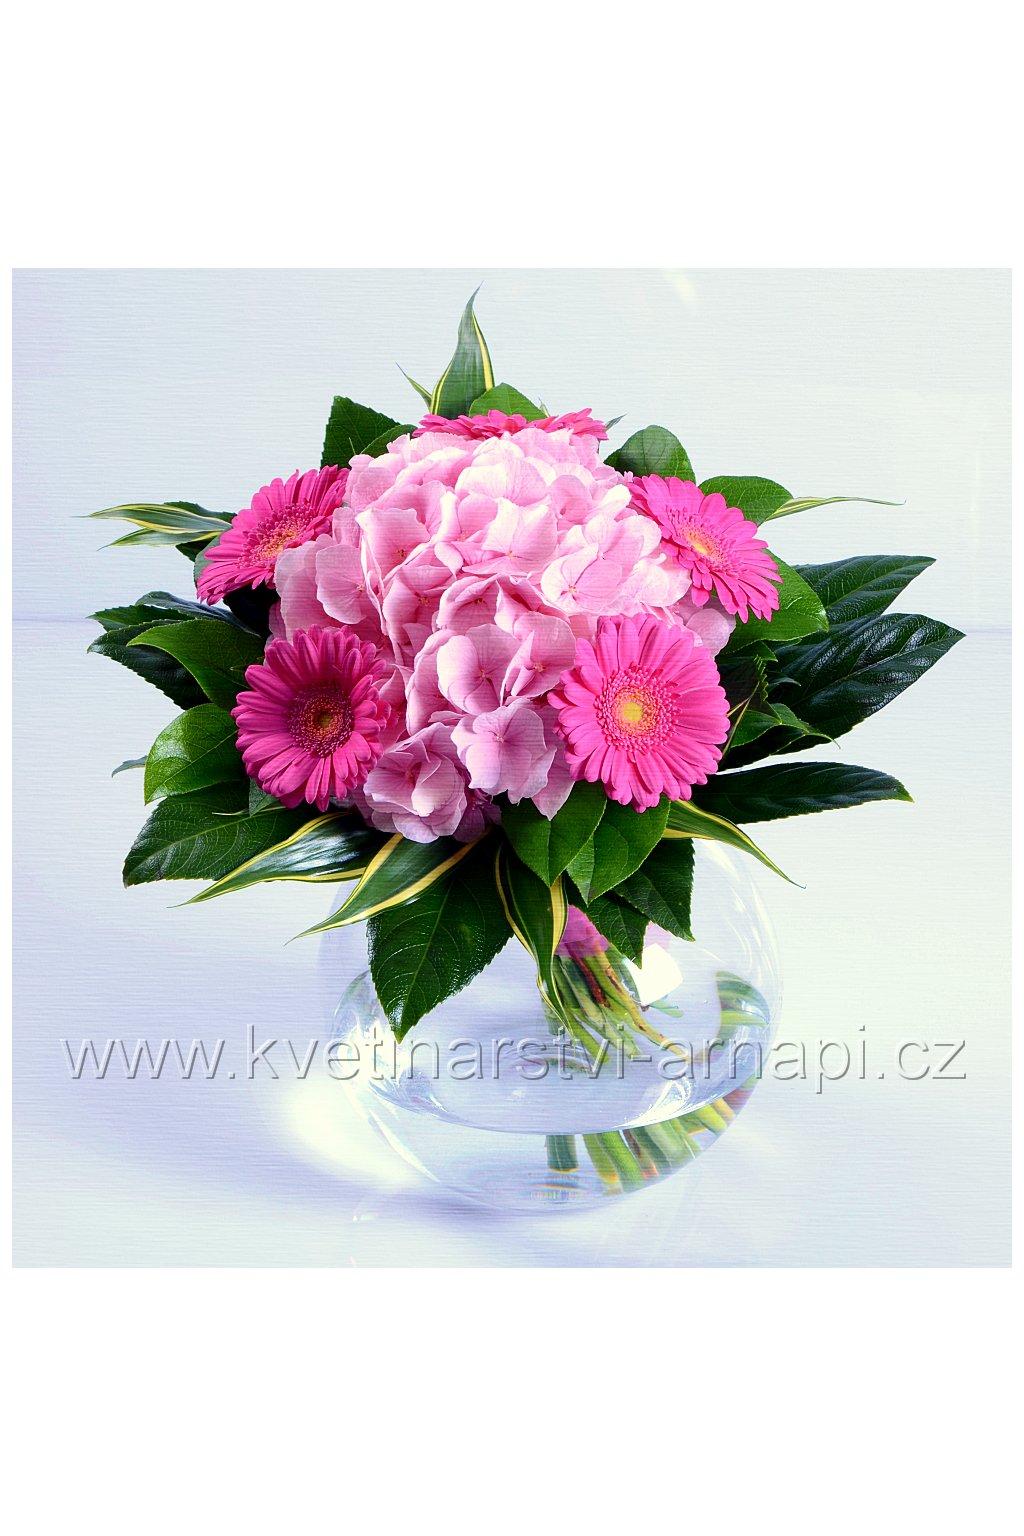 darkova kytice hortenzie kvetinarstvi arnapi